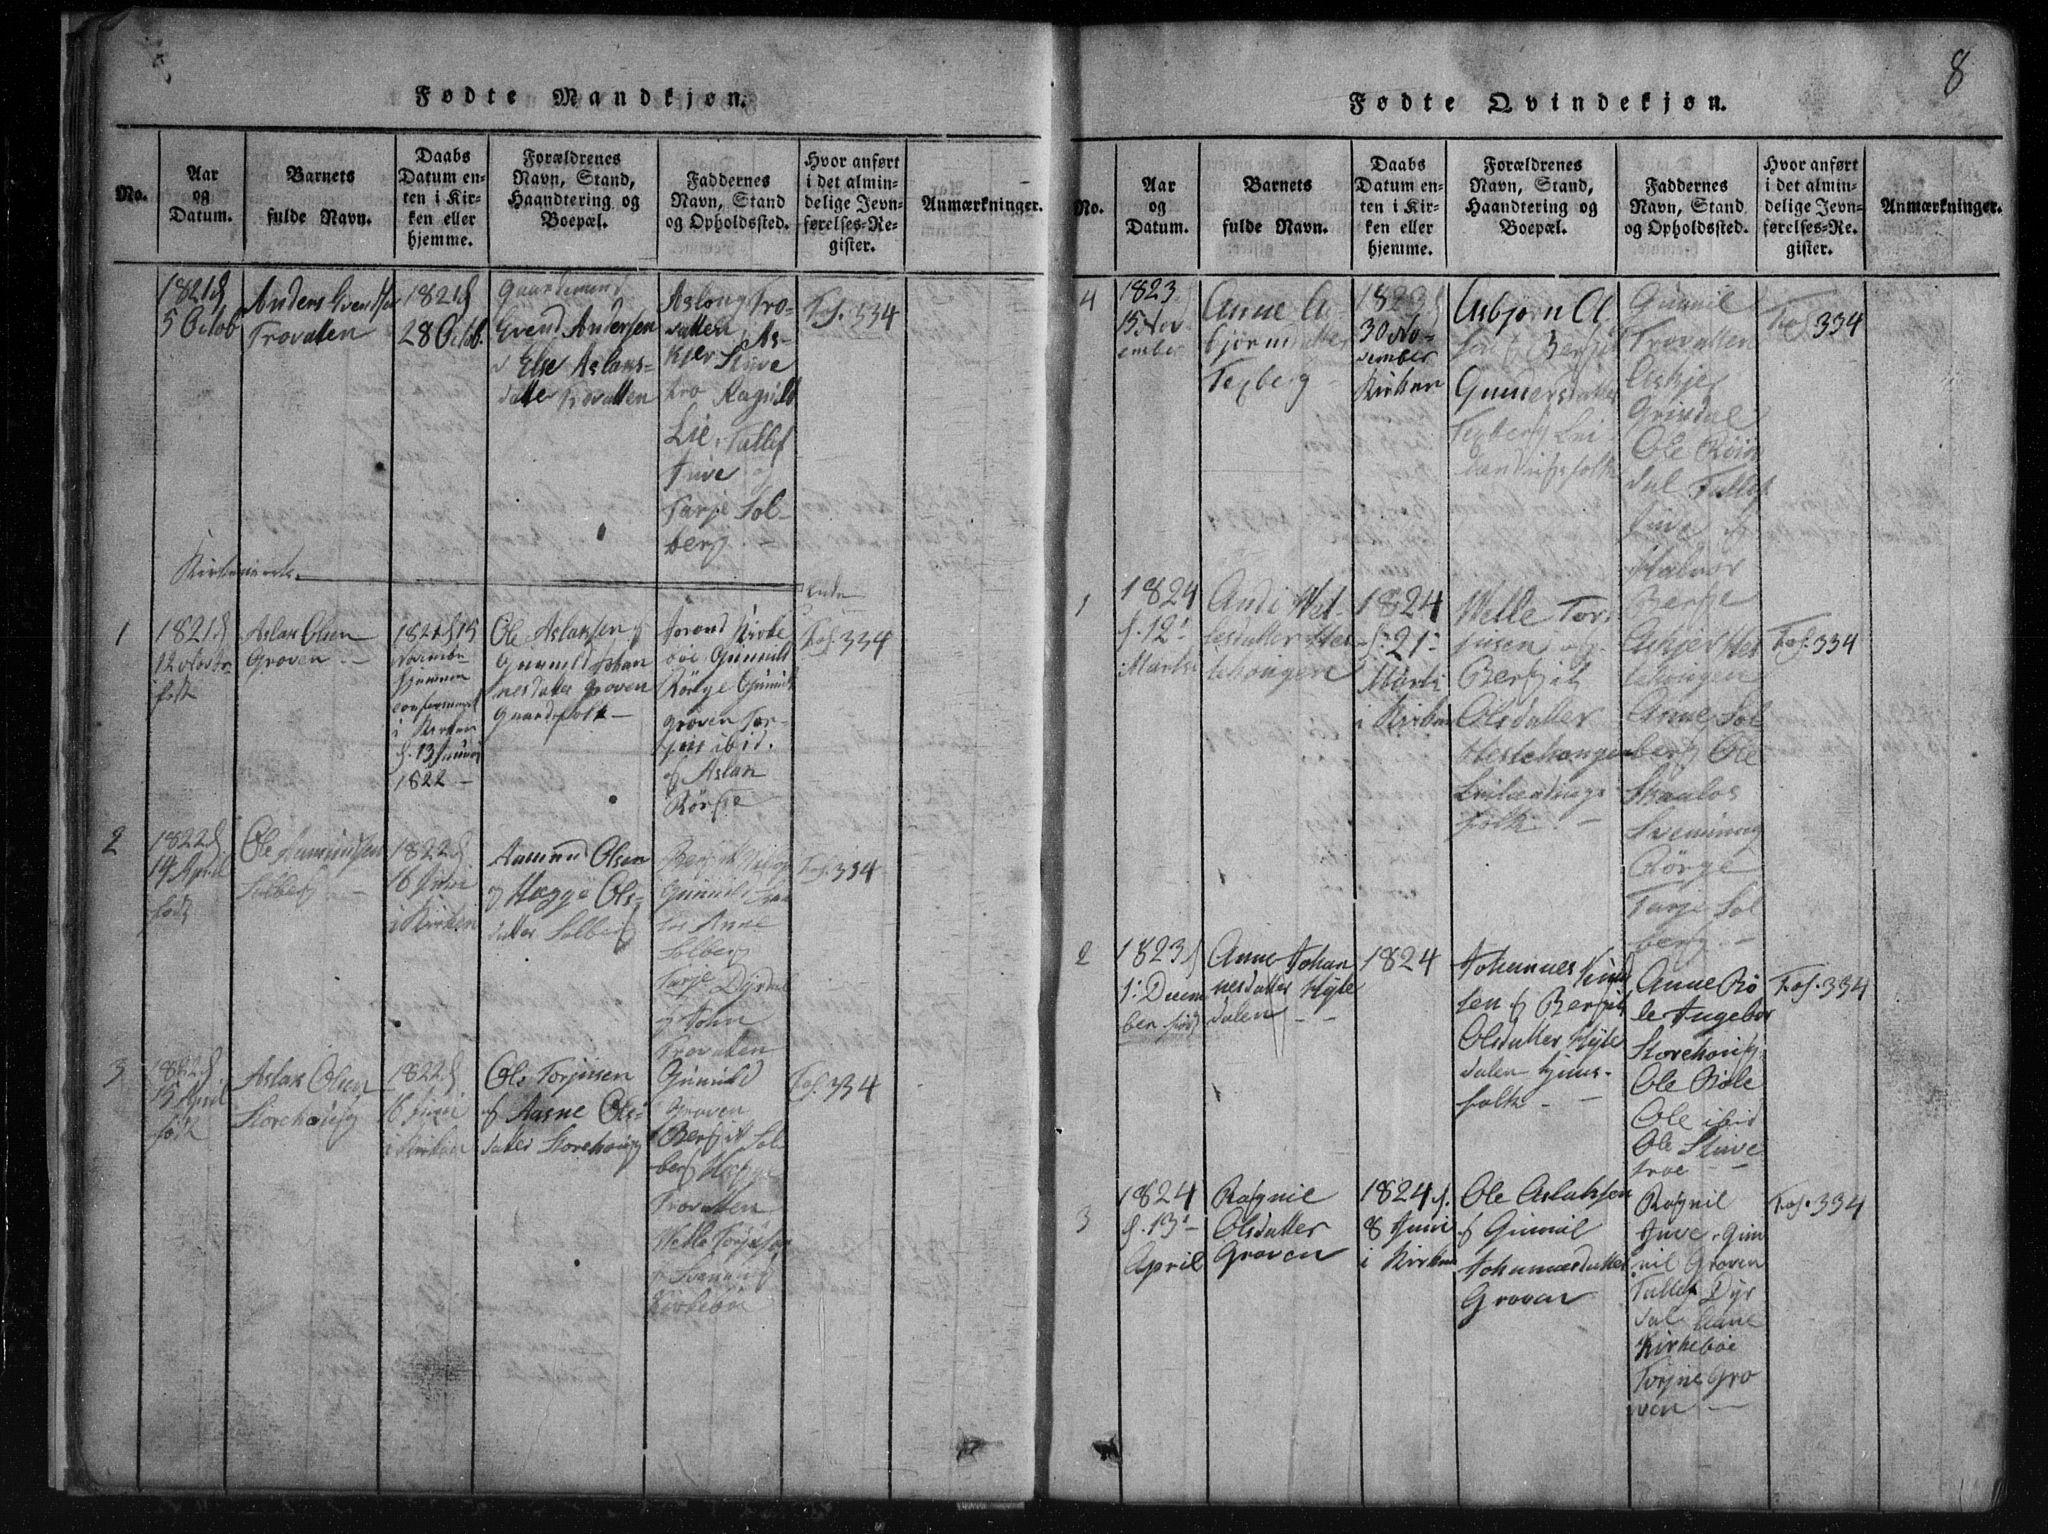 SAKO, Rauland kirkebøker, G/Gb/L0001: Klokkerbok nr. II 1, 1815-1886, s. 8